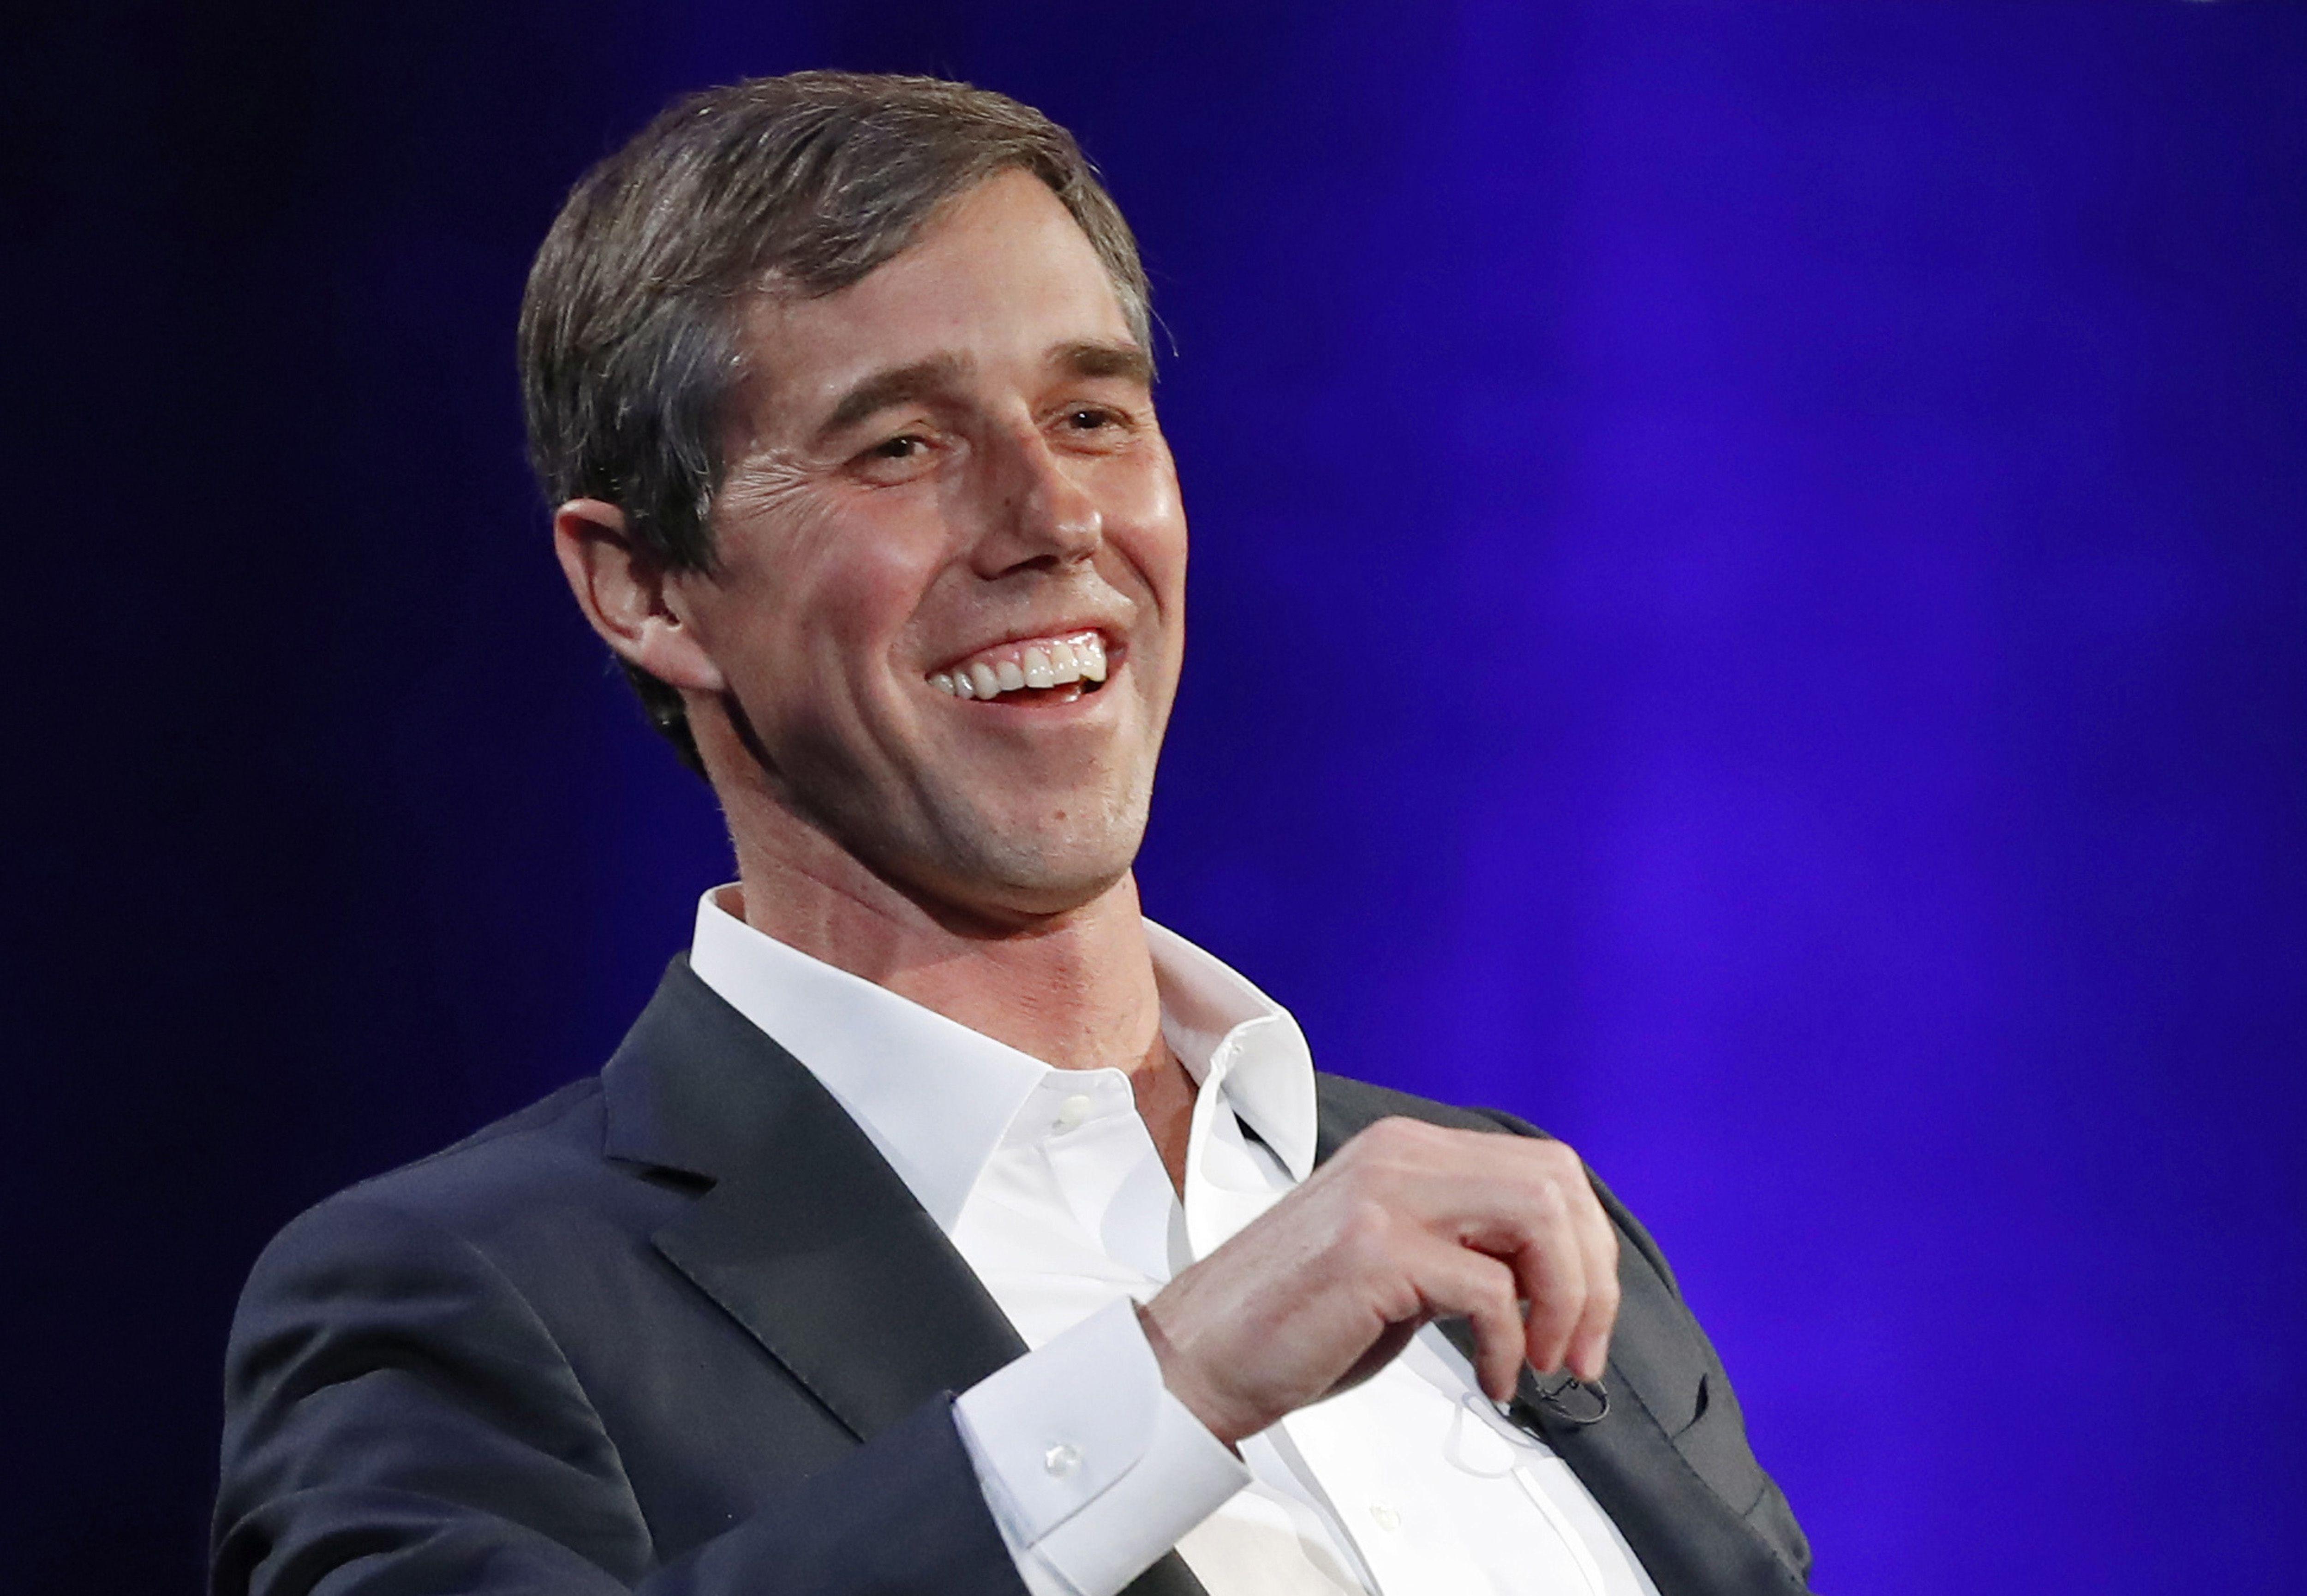 Demócrata Beto ORourke anuncia candidatura presidencial